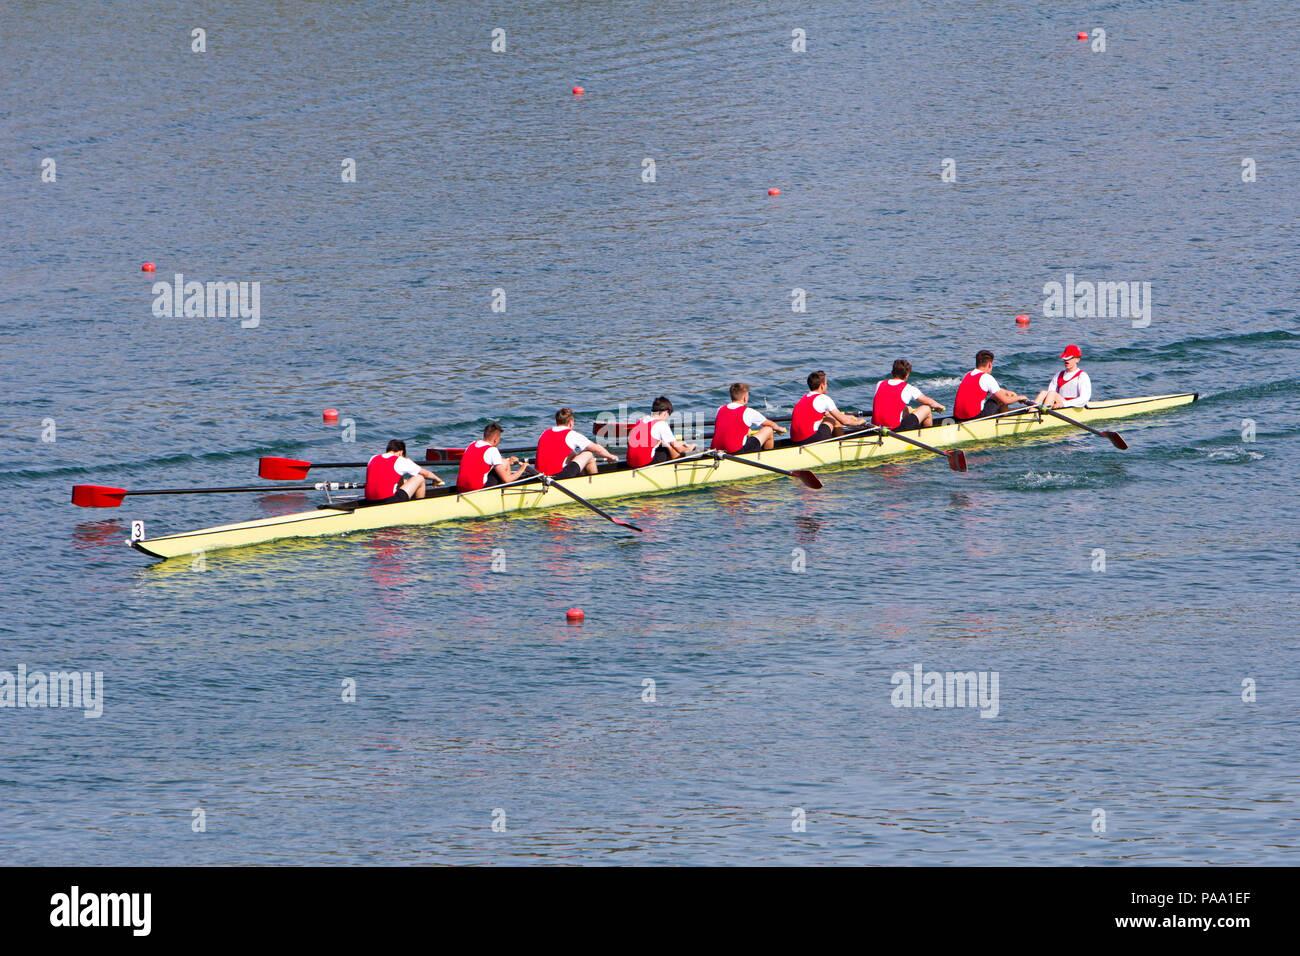 Ocho remeros de botes de remo en el lago tranquilo Imagen De Stock